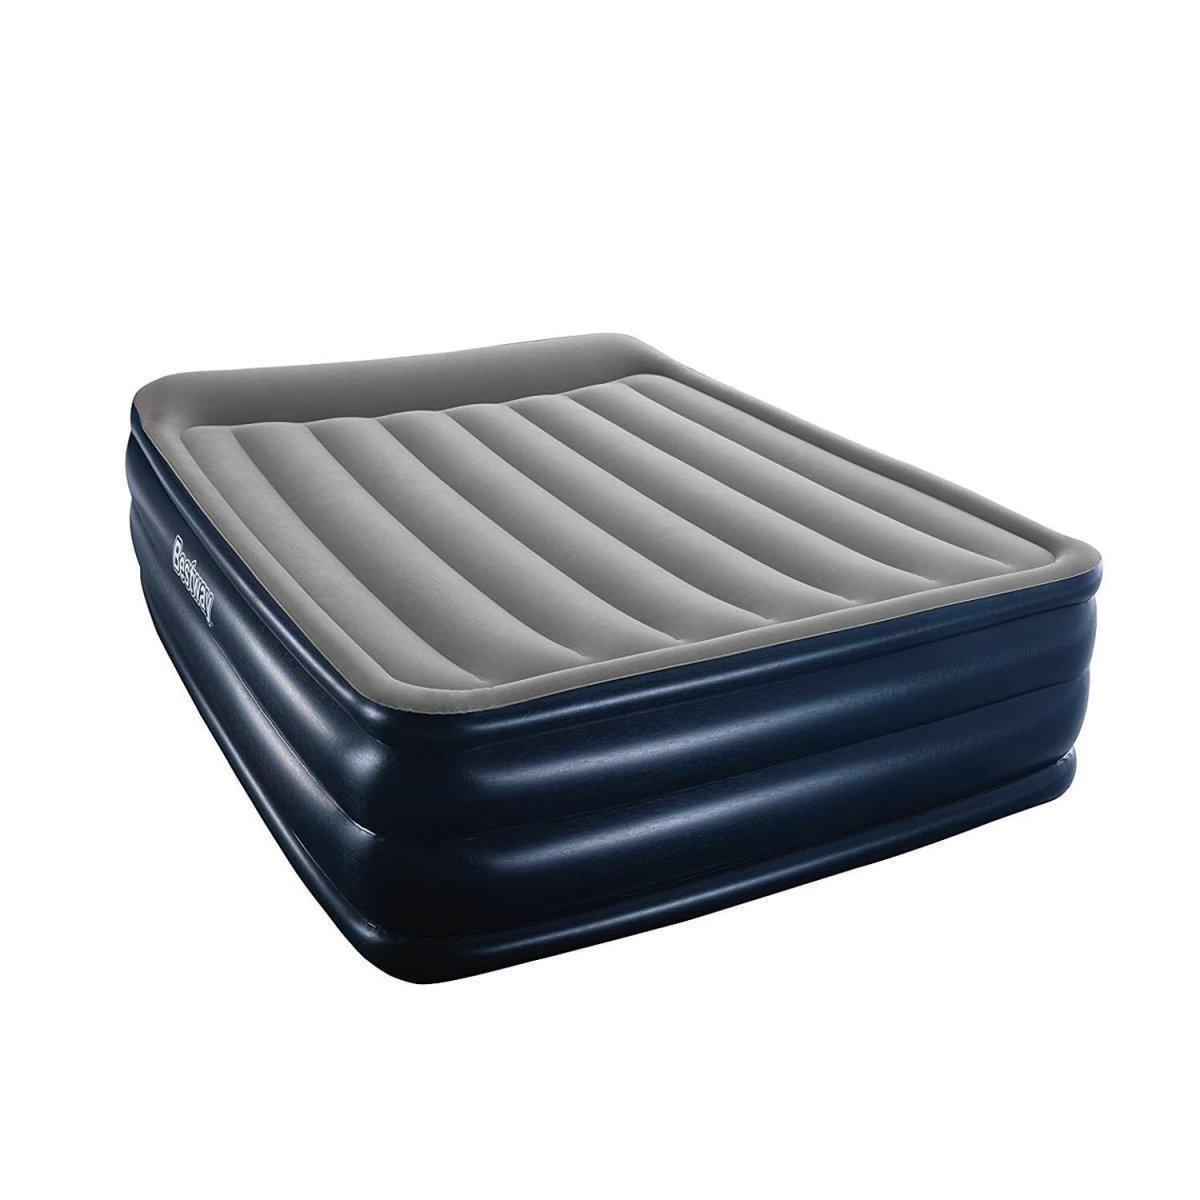 Надувная кровать Bestway 67528 встроенный электронасос Двухспальная